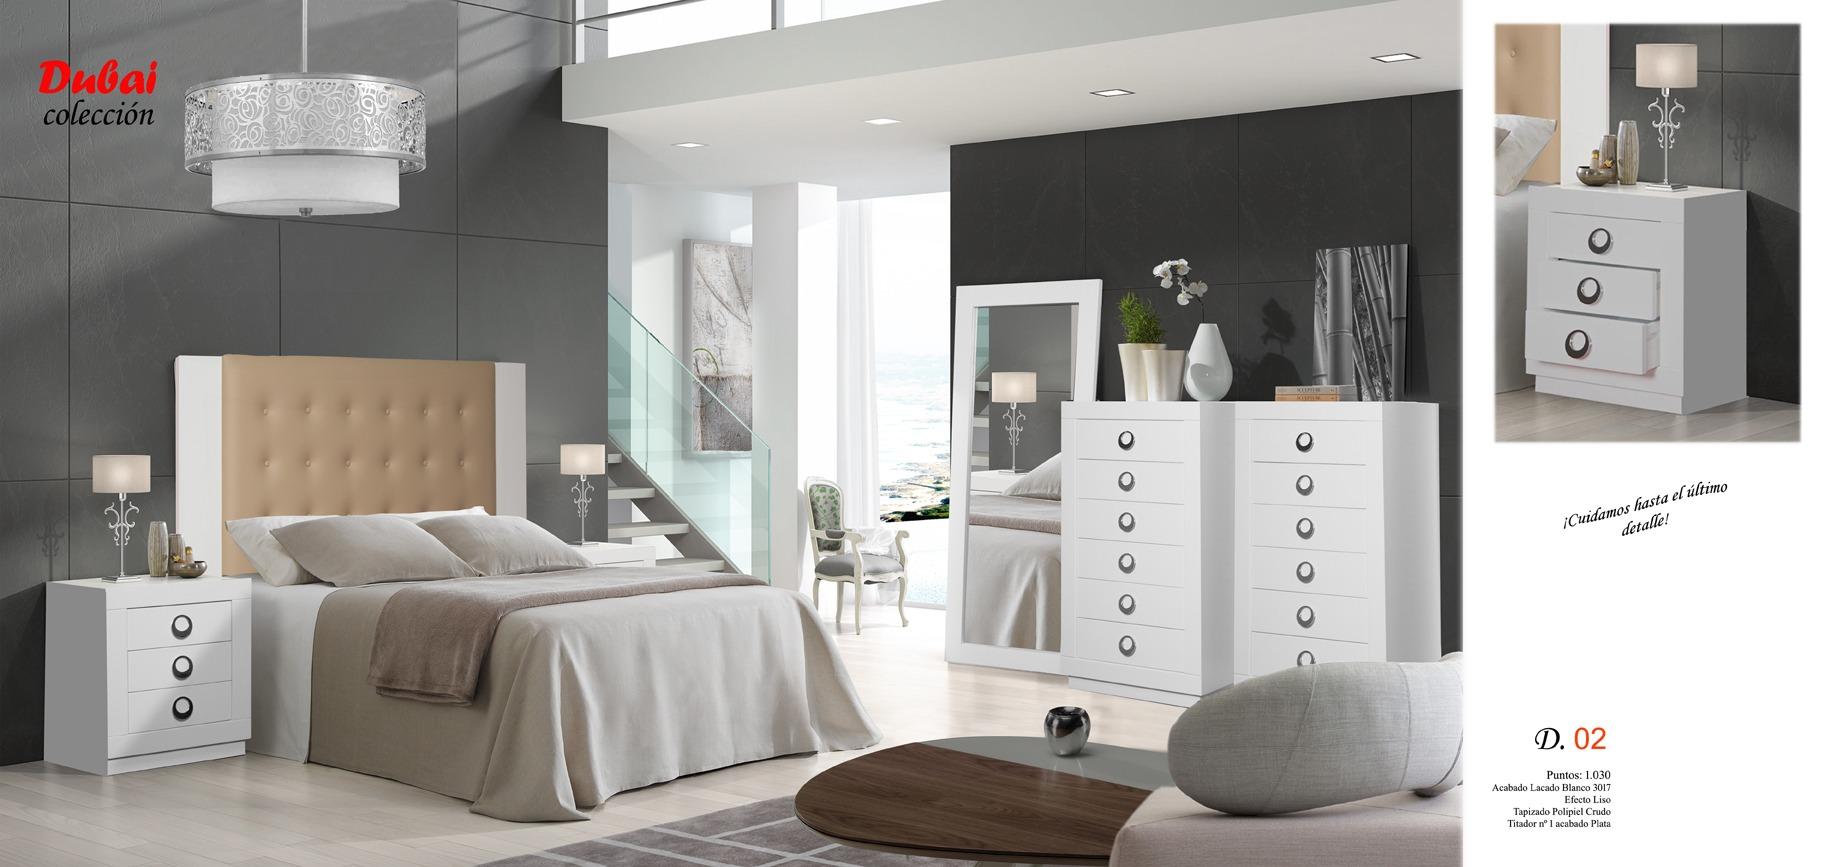 03 Dubai Dormitorio Muebles los barriales